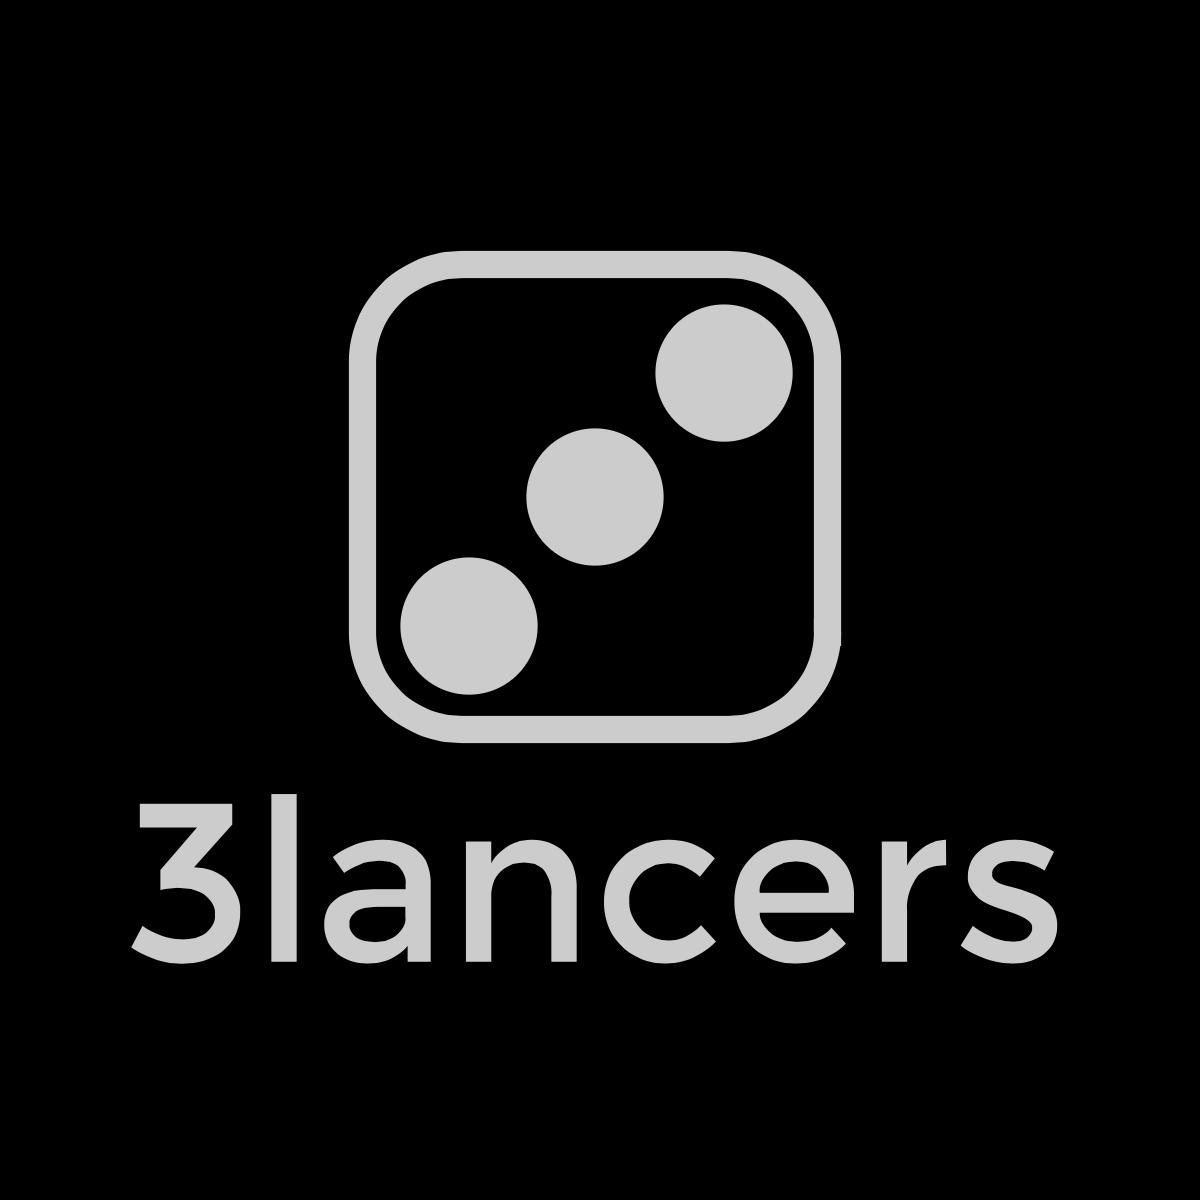 3lancers